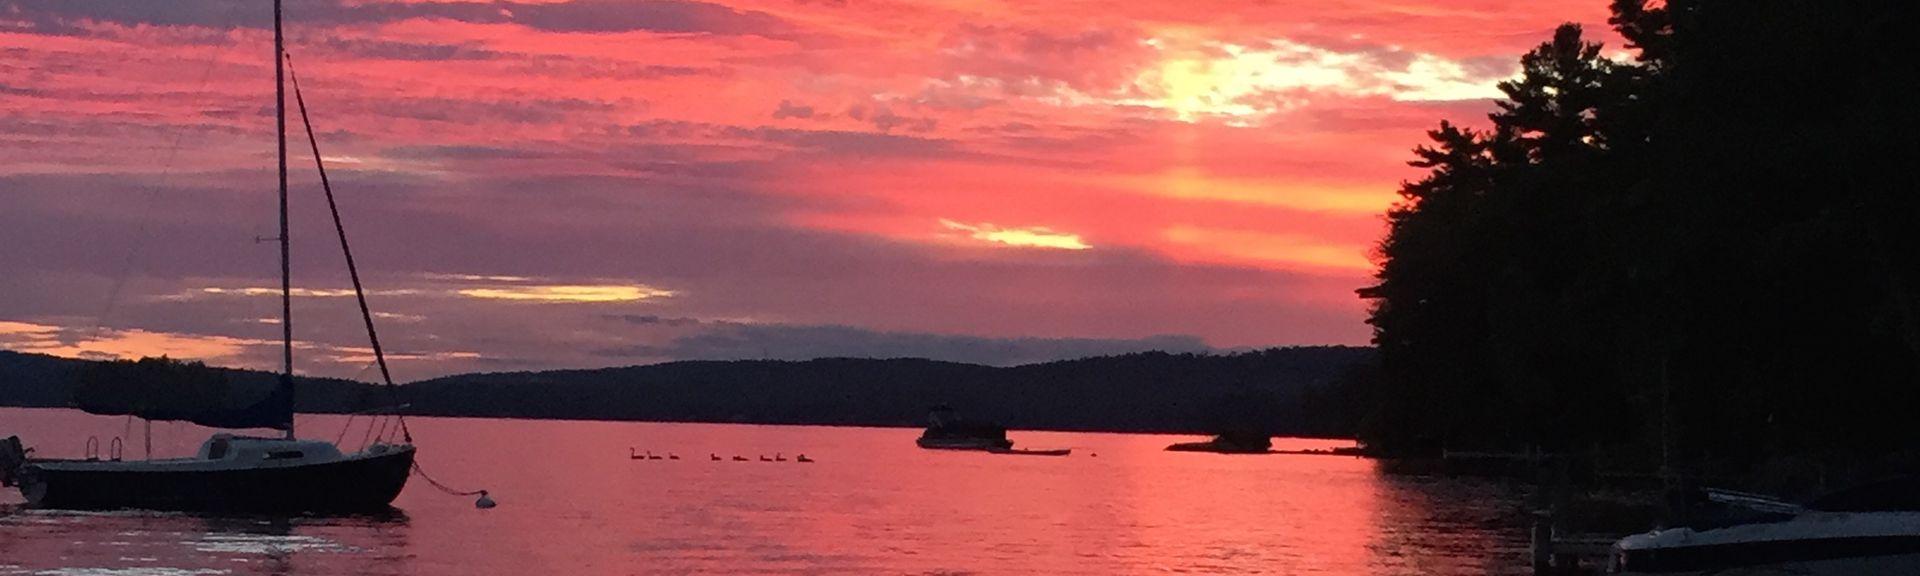 Acton, Maine, Verenigde Staten